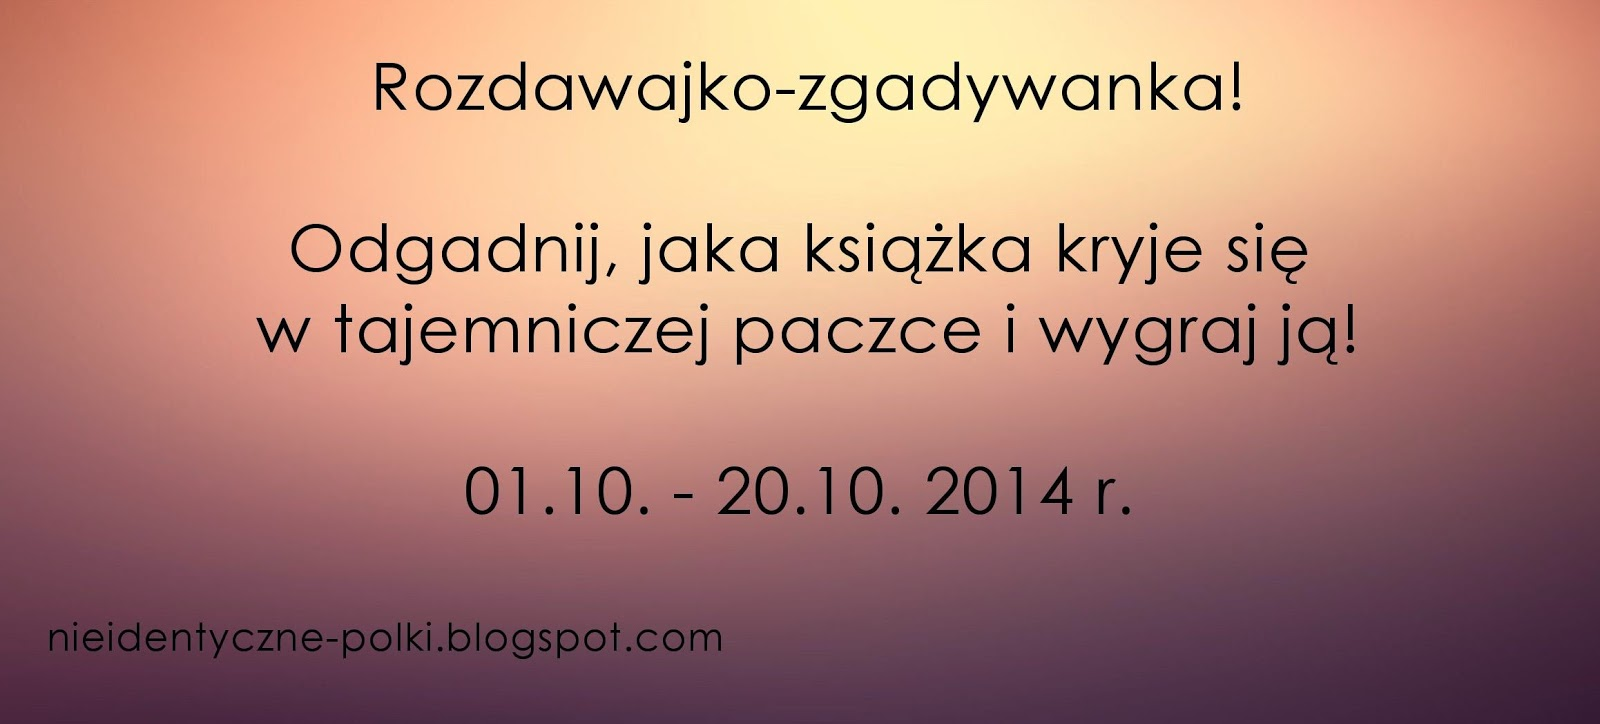 http://nieidentyczne-polki.blogspot.com/2014/10/zgadnij-i-wygraj-rozdawakja.html